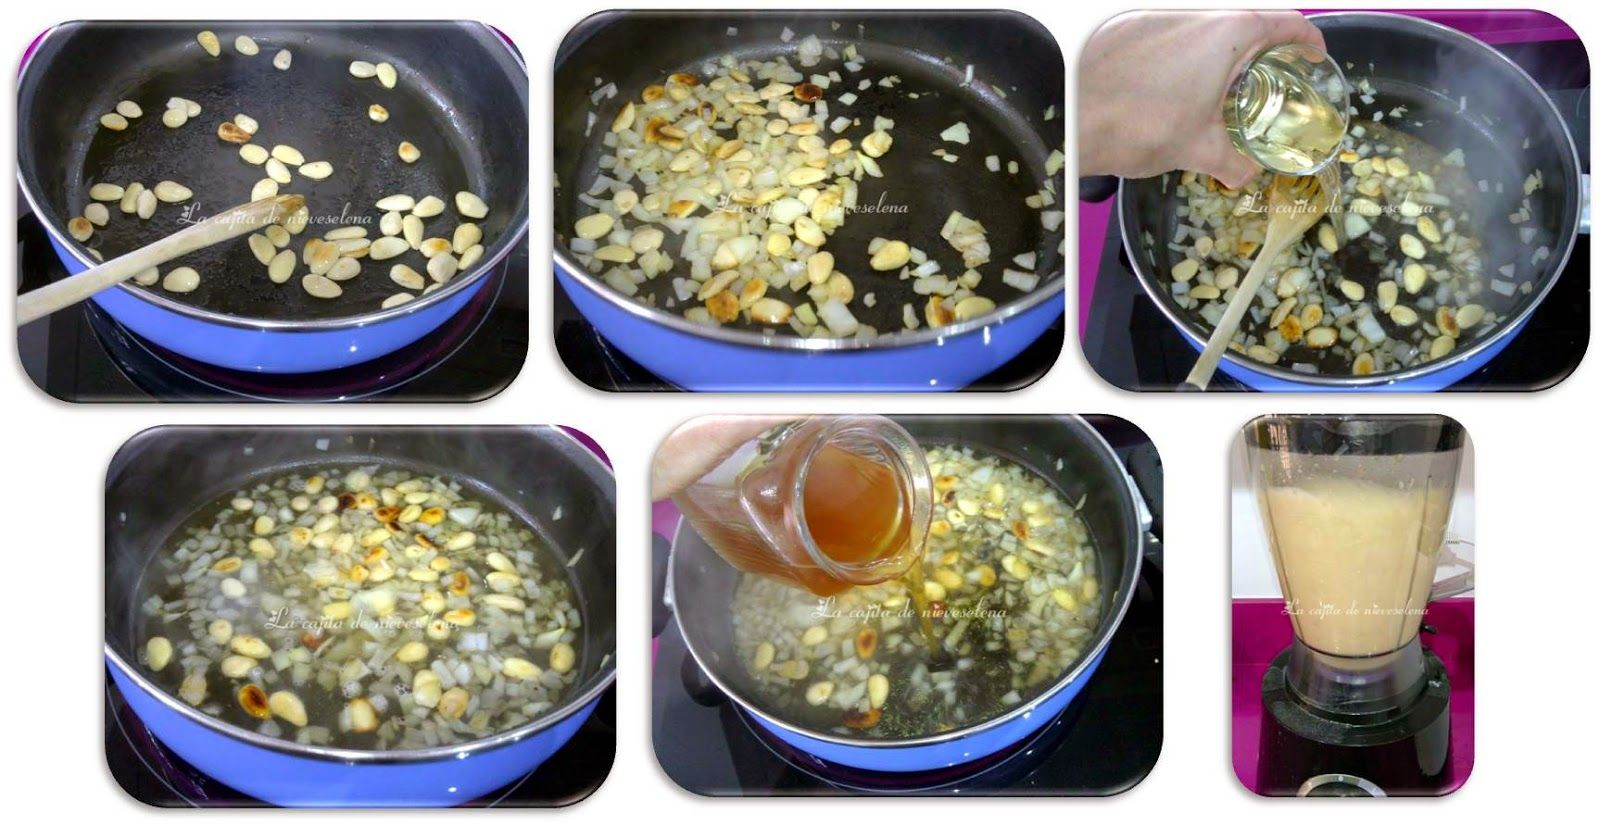 salsa de almendras: rehogamos la cebolla y las almendras, añadimos el vino, y dejamos 2´agregamos el caldo de carne y dejamos cocer 5´batimos y reservamos.